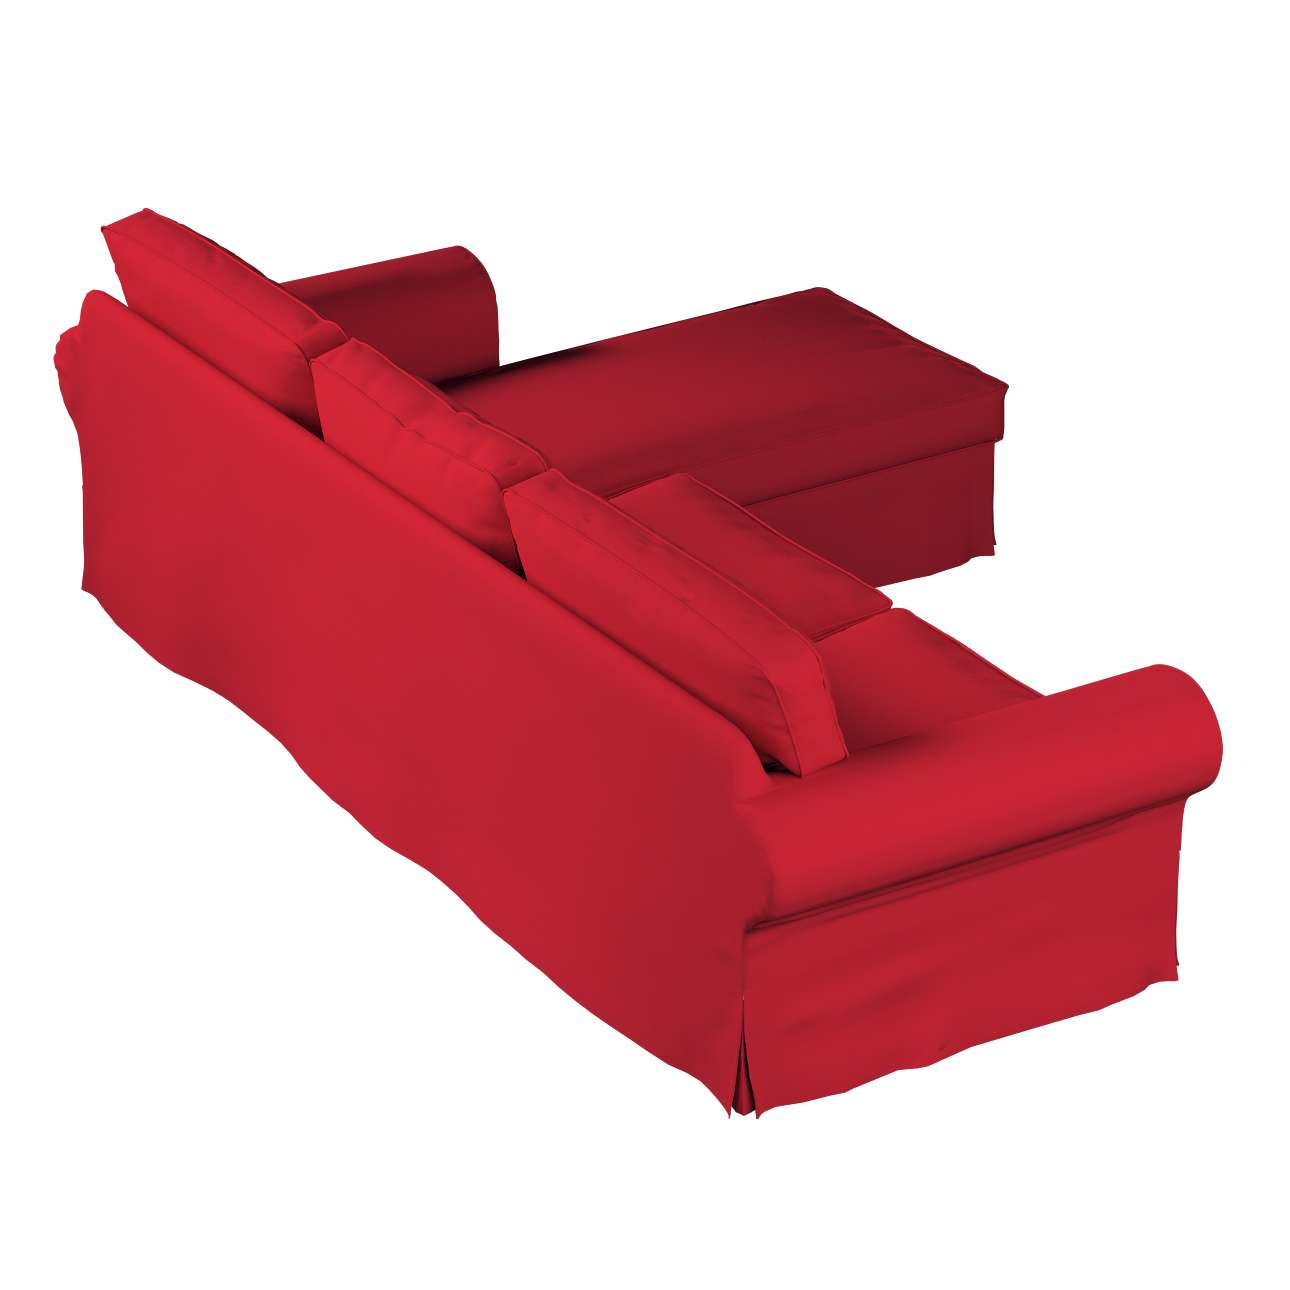 Pokrowiec na sofę Ektorp 2-osobową i leżankę sofa ektorp 2-os. i leżanka w kolekcji Cotton Panama, tkanina: 702-04